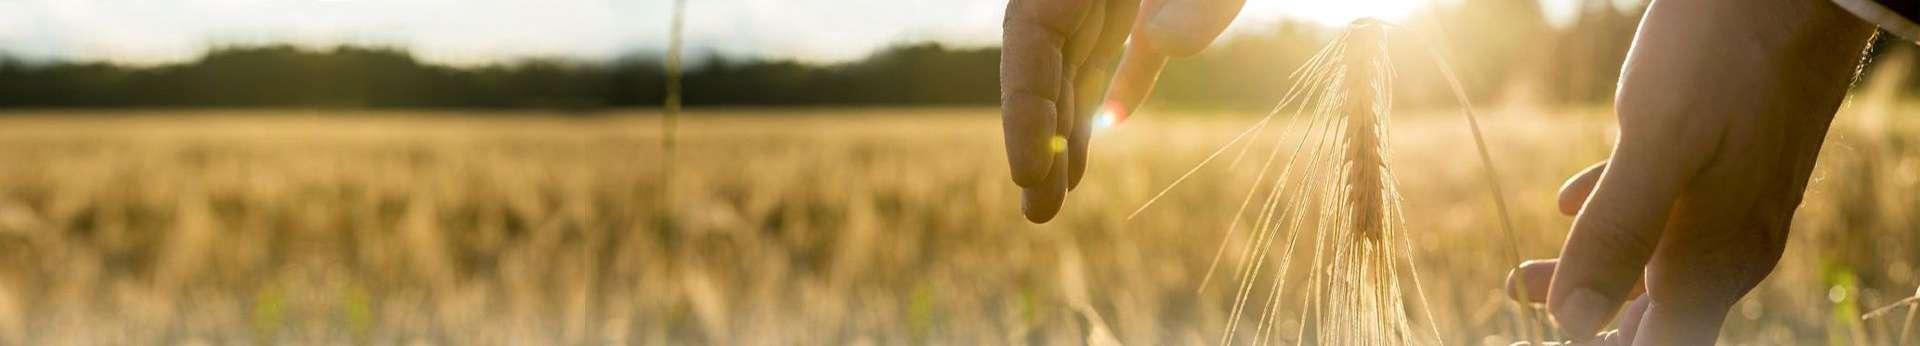 zdjęcie kłosa zboża obejmowanego dłońmi rolnika na tle zachodzącego słońca Agrotech Kielce 2019